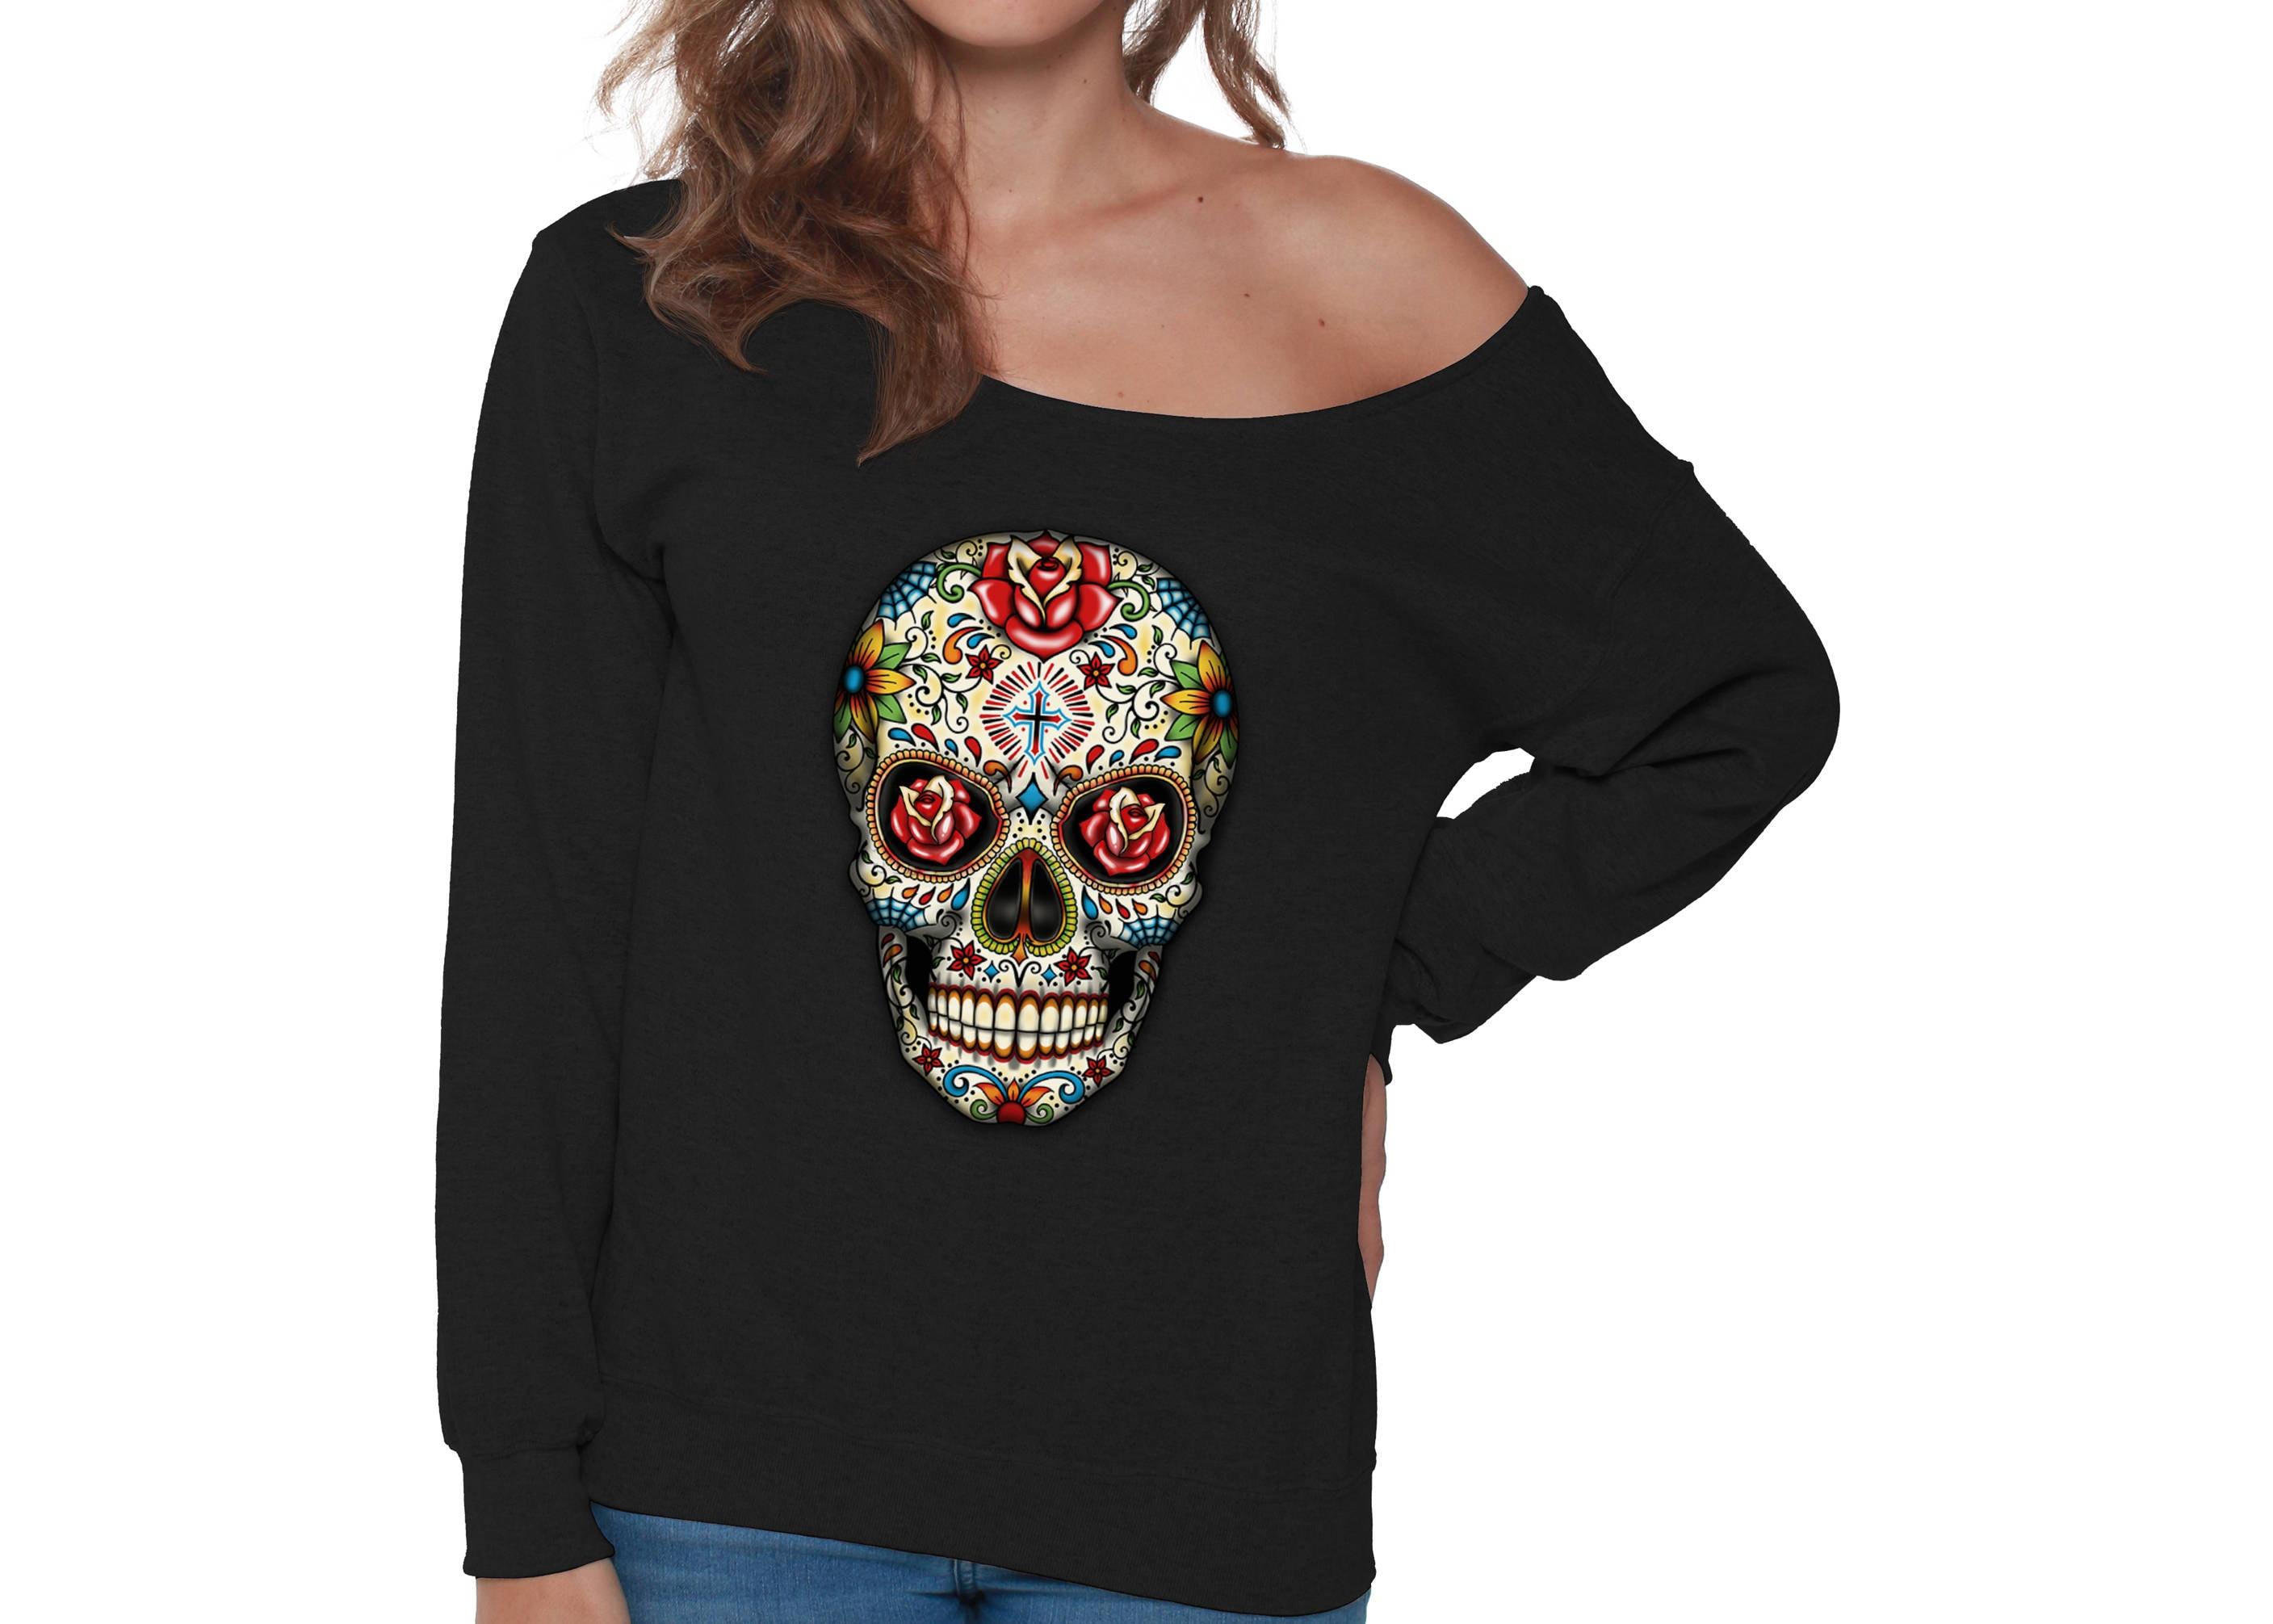 847f43e3b91 Skull Off Shoulder Sweatshirt for Women Off The Shoulder Baggy   Etsy